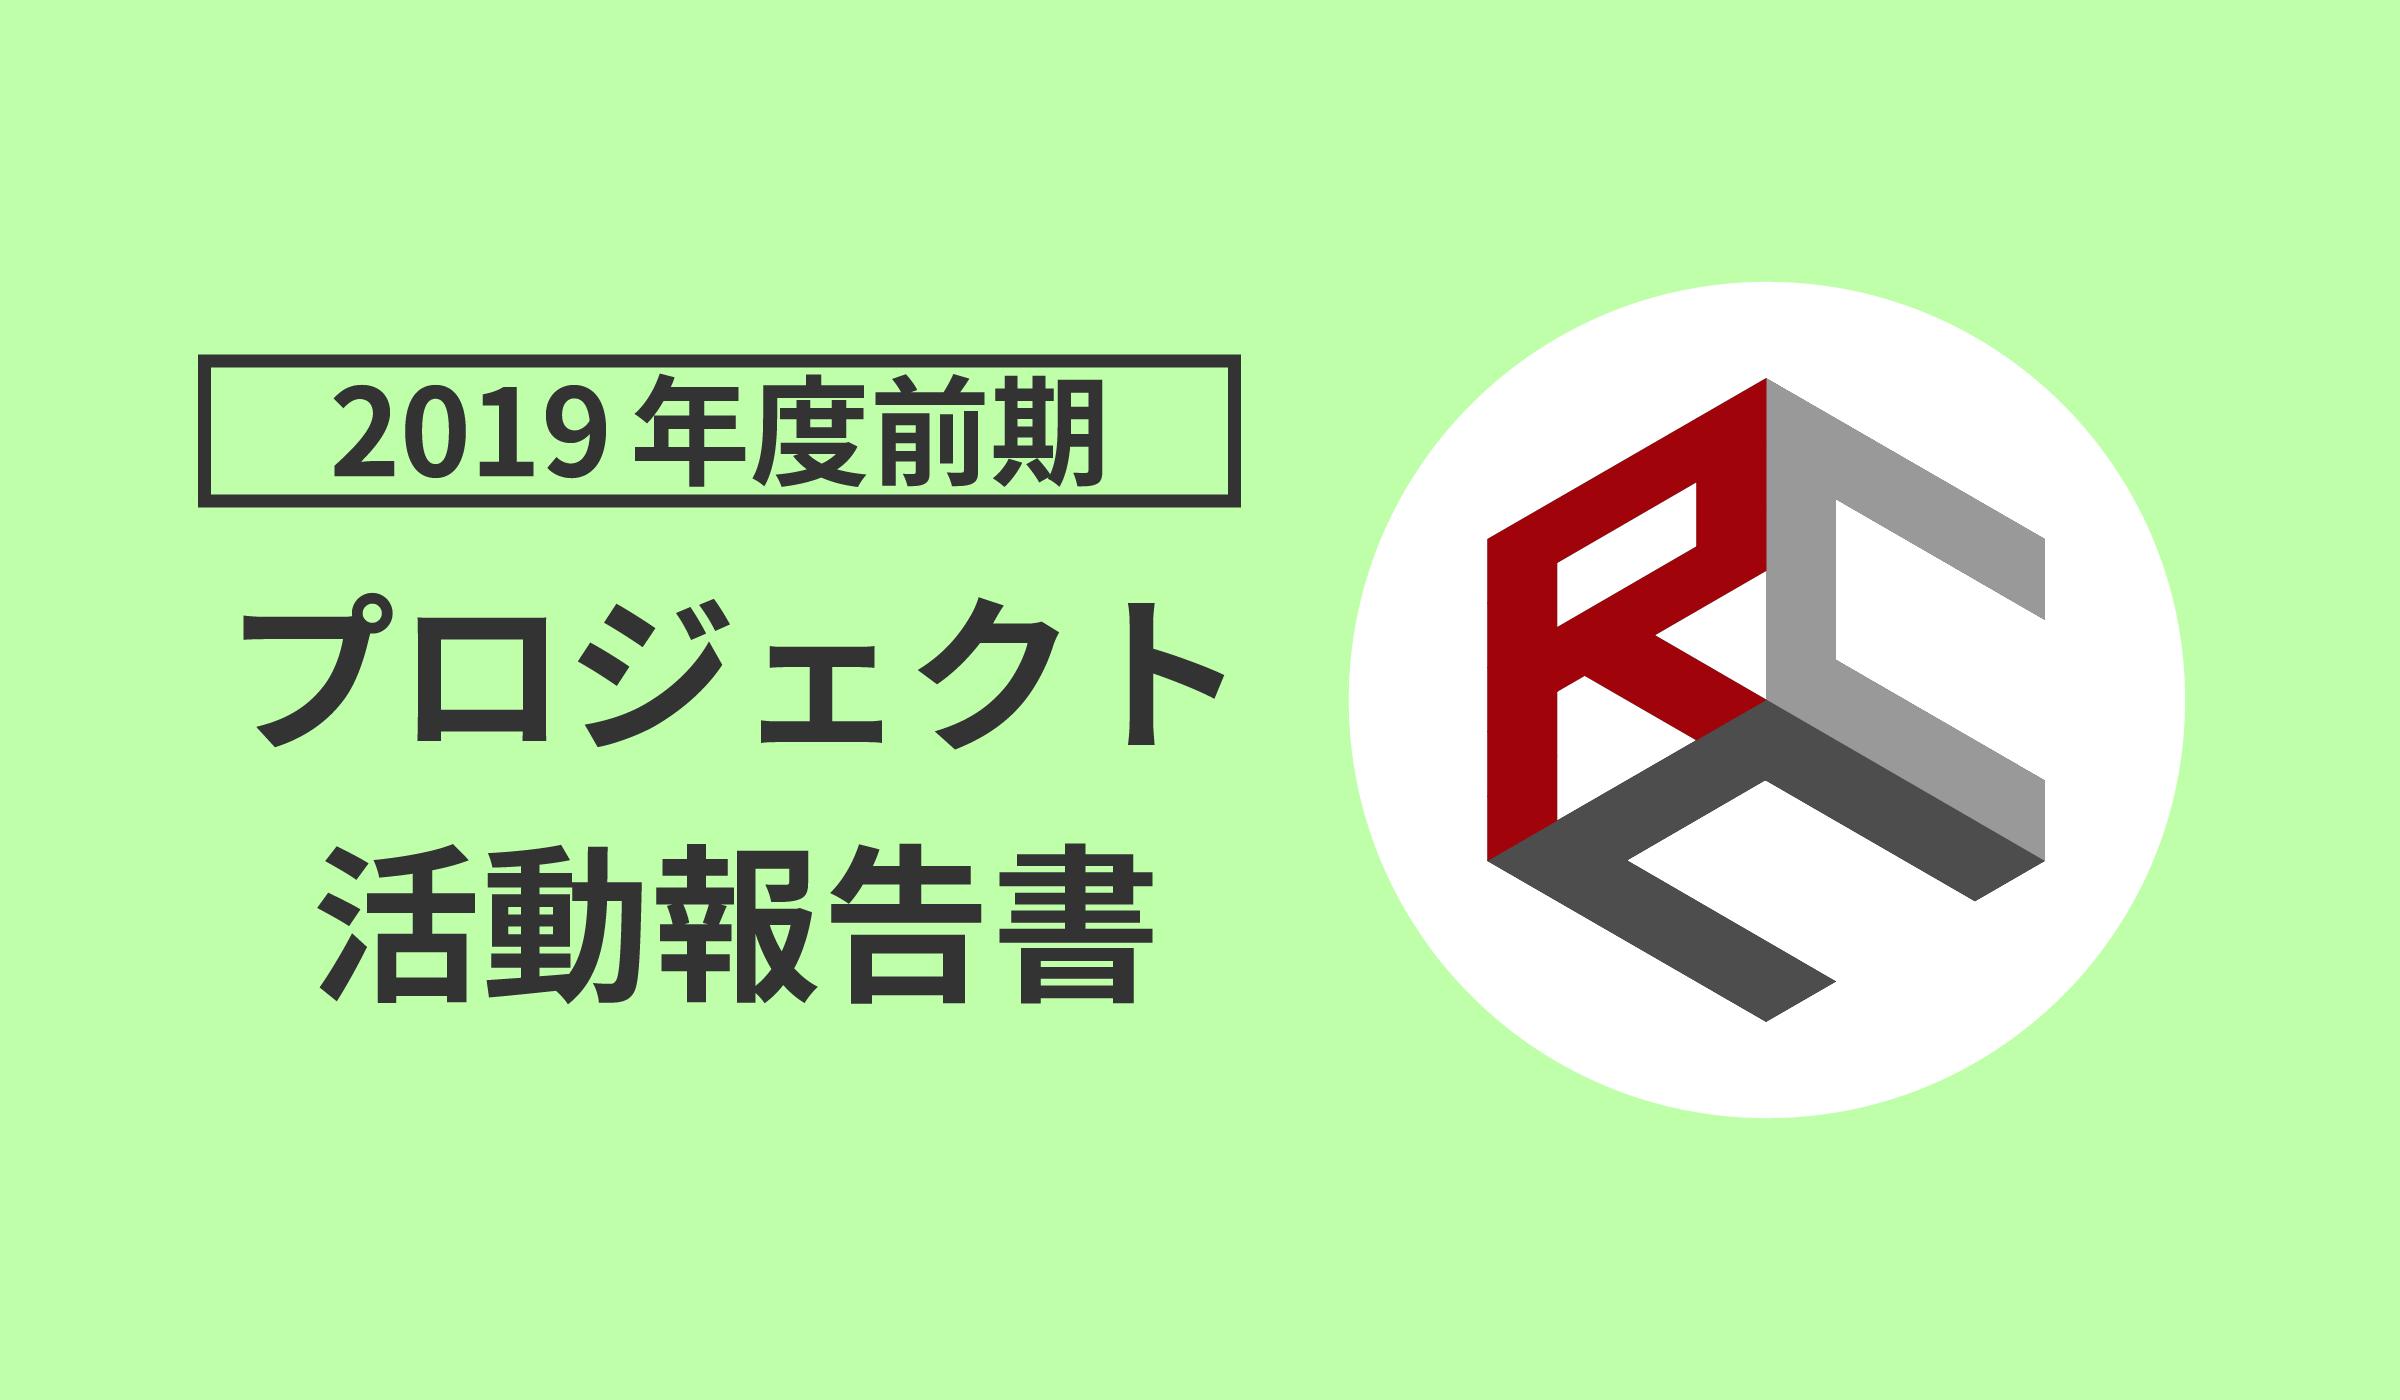 2019年度前期プロジェクト活動報告書